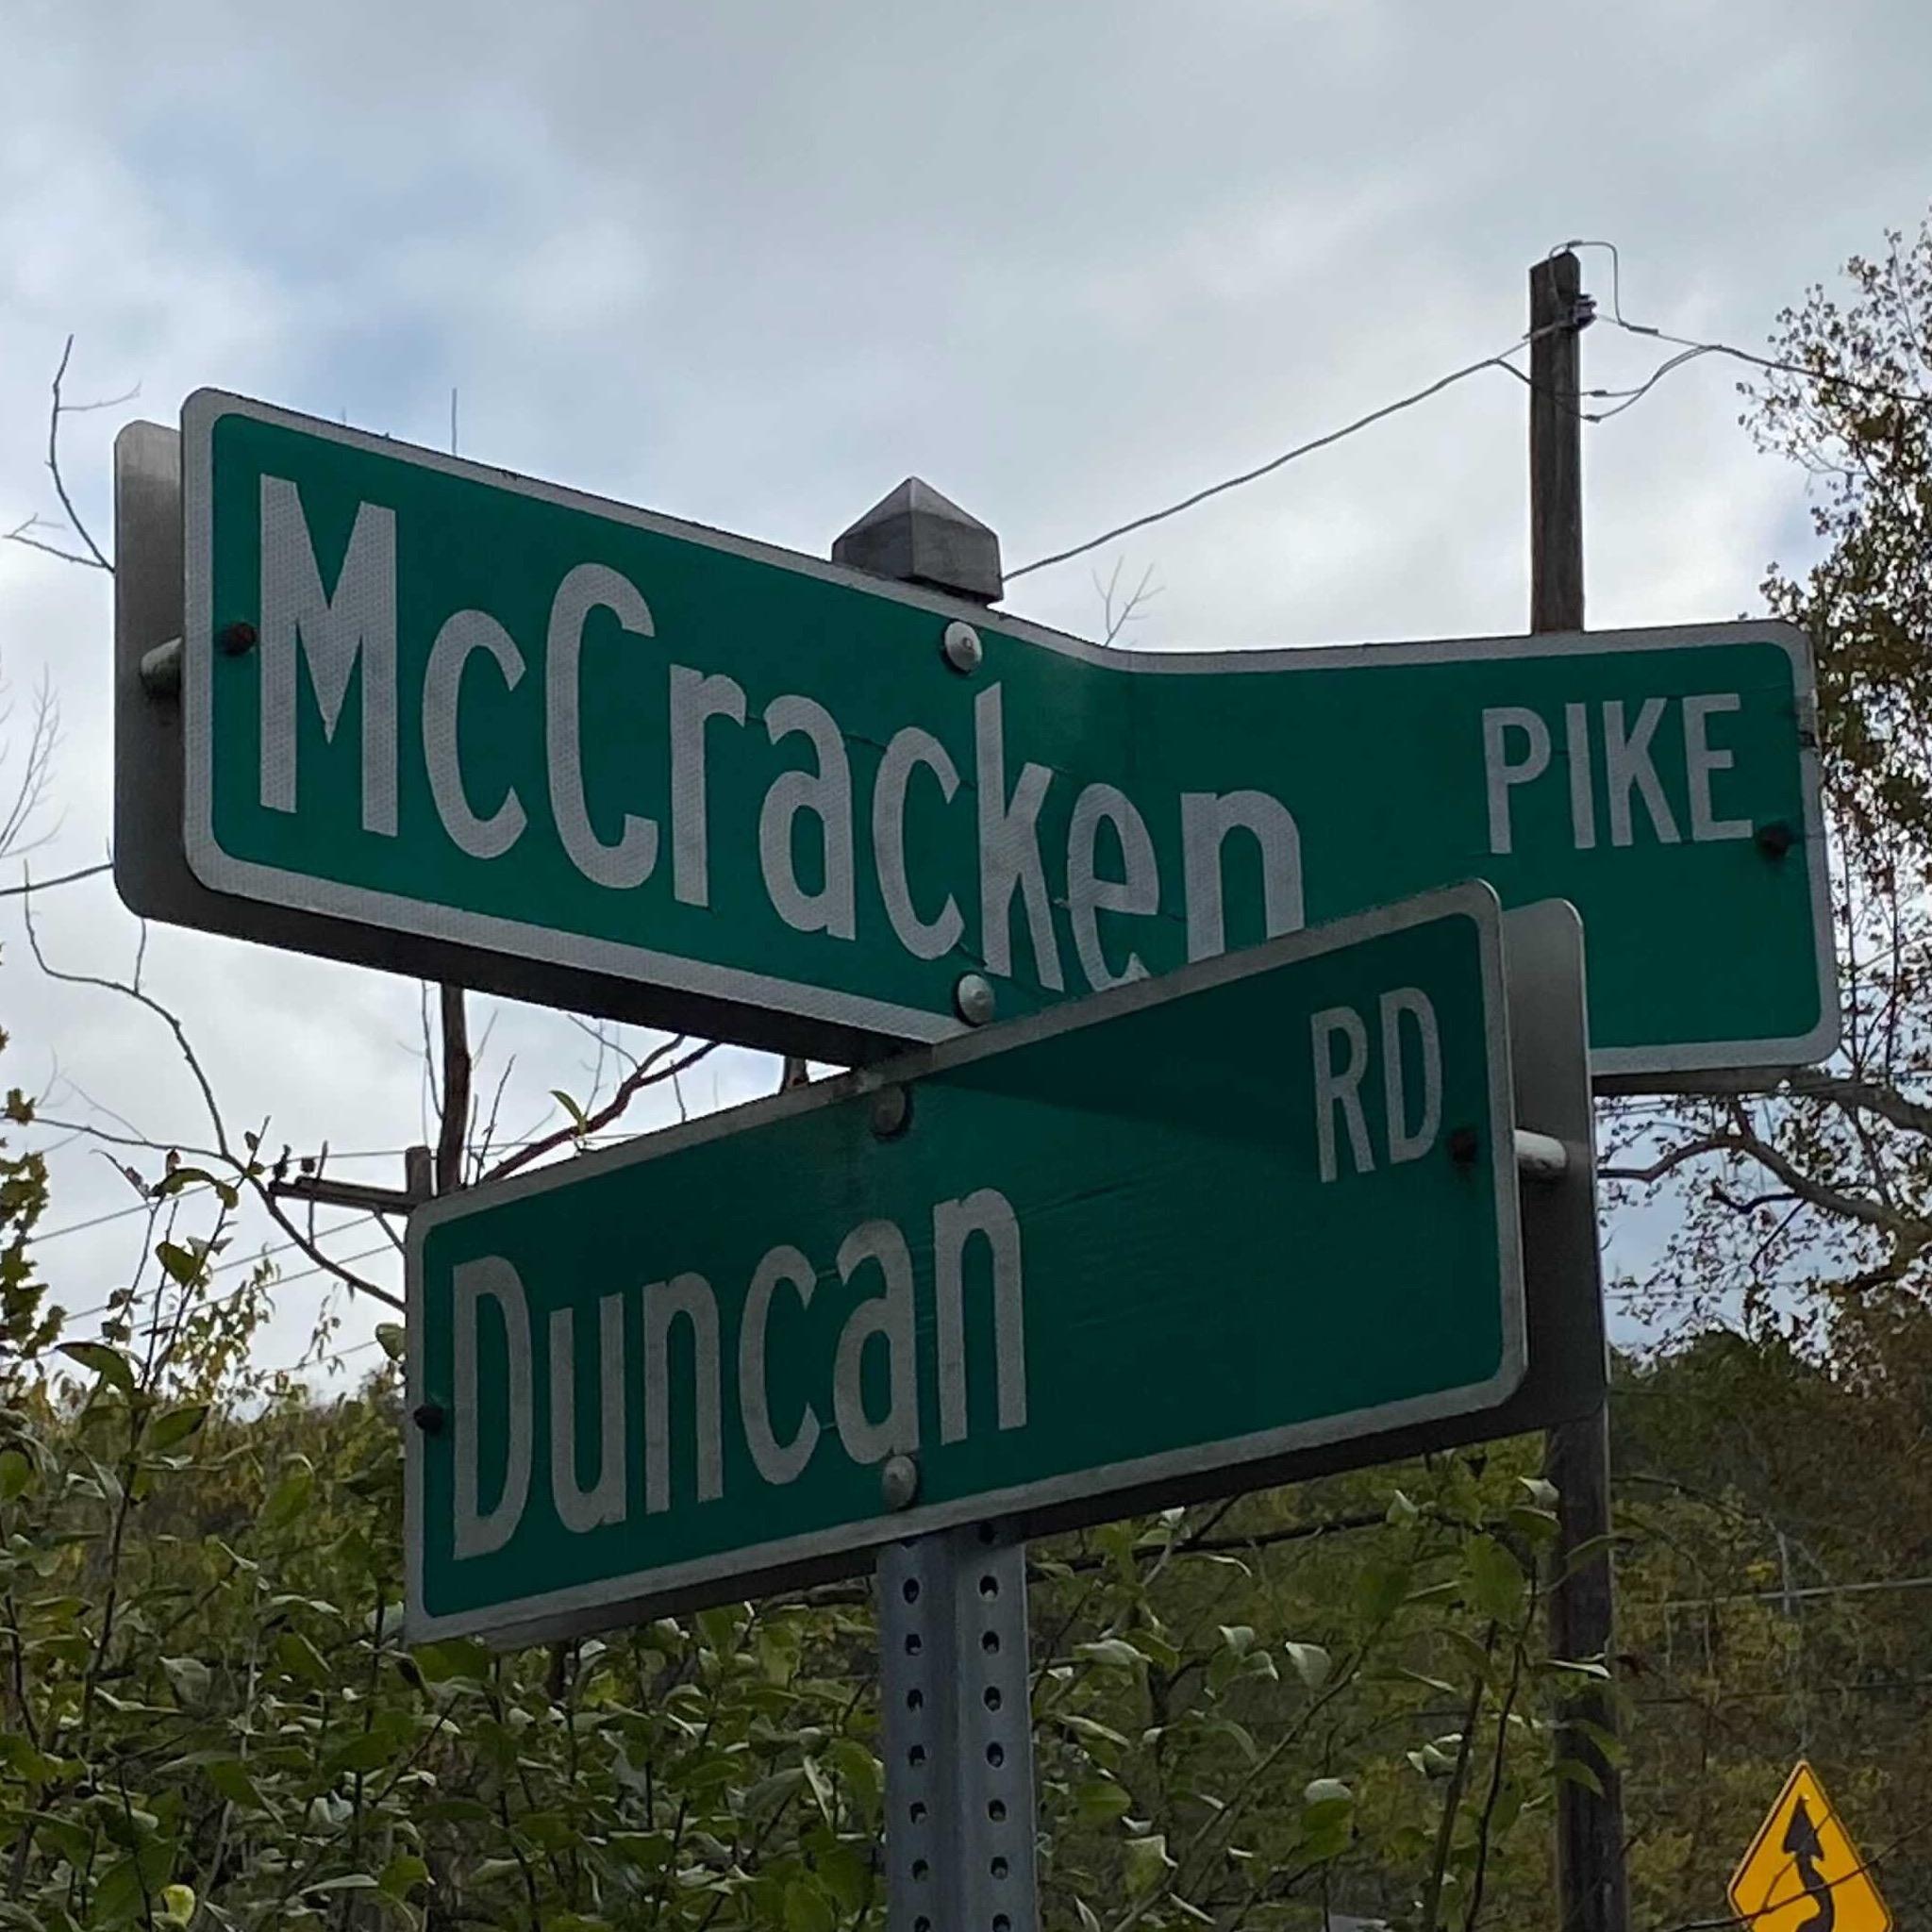 duncan_mccracke